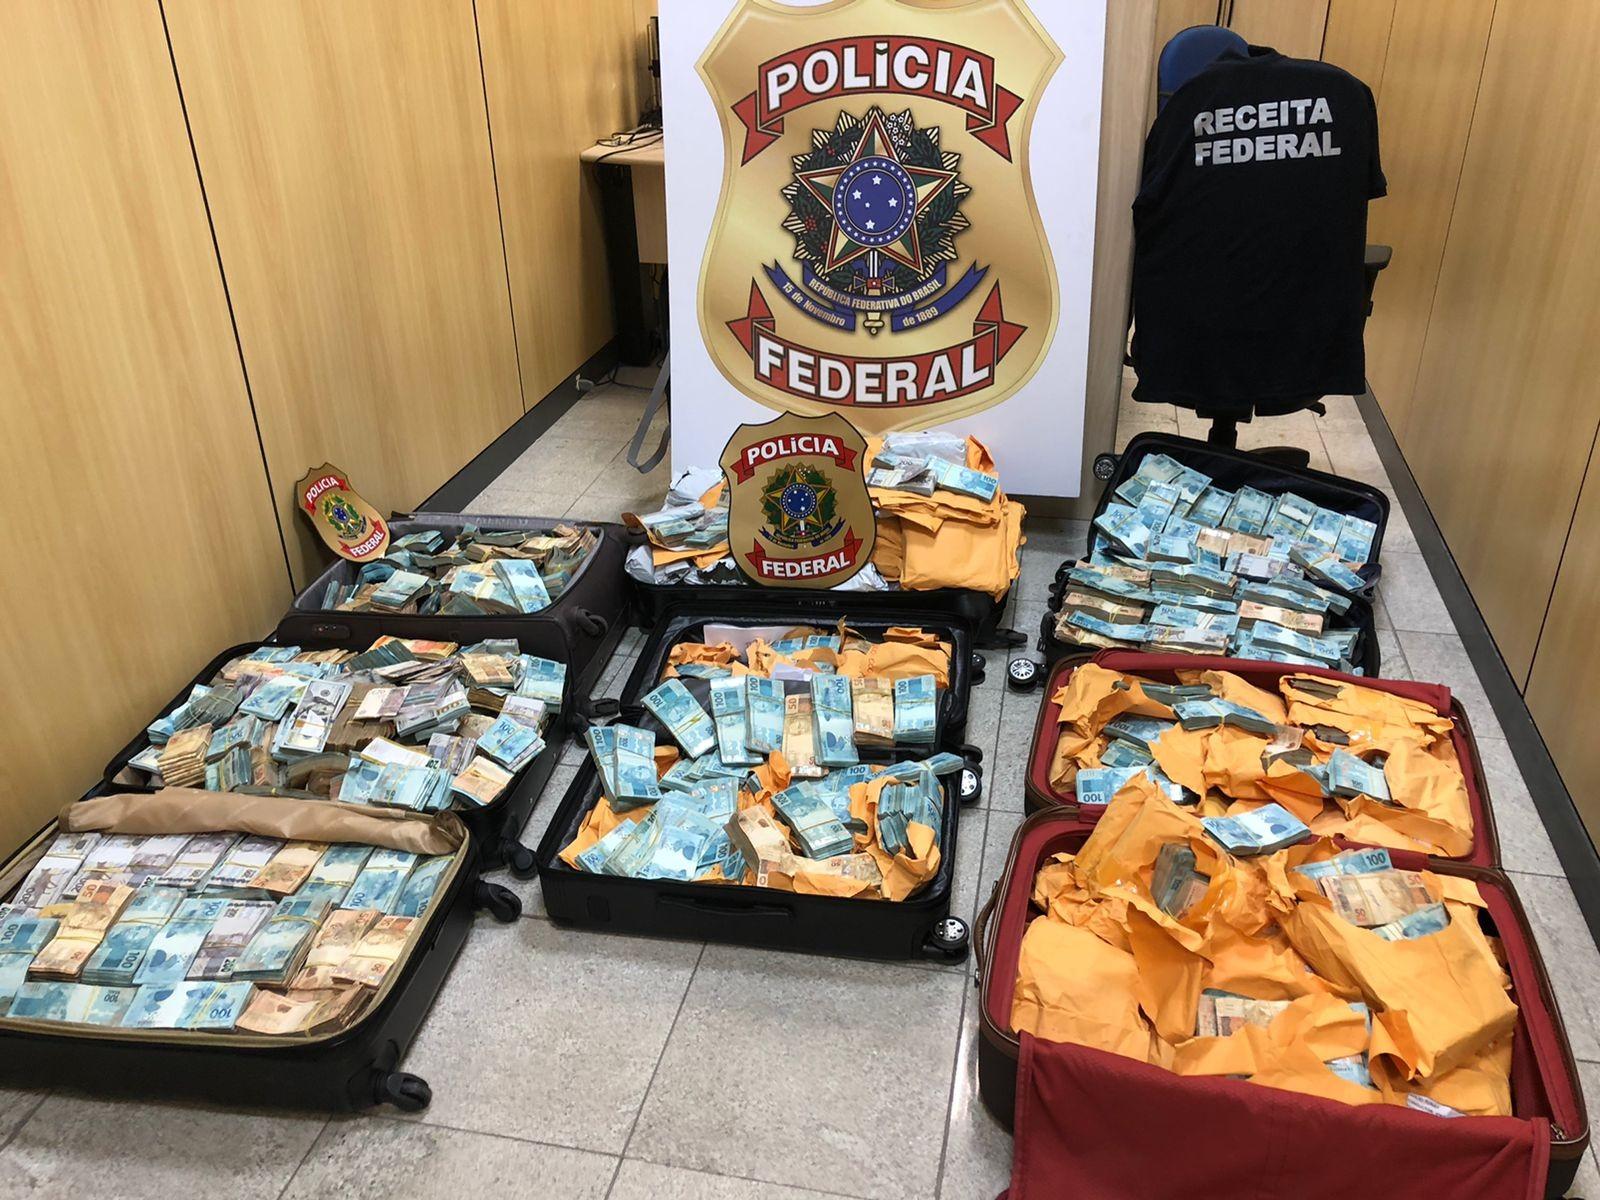 Empresa de criptomoedas recebeu R$ 1,7 milhão em dinheiro de moradores da Favela do Lixo, em Cabo Frio; PF suspeita que seja de traficantes